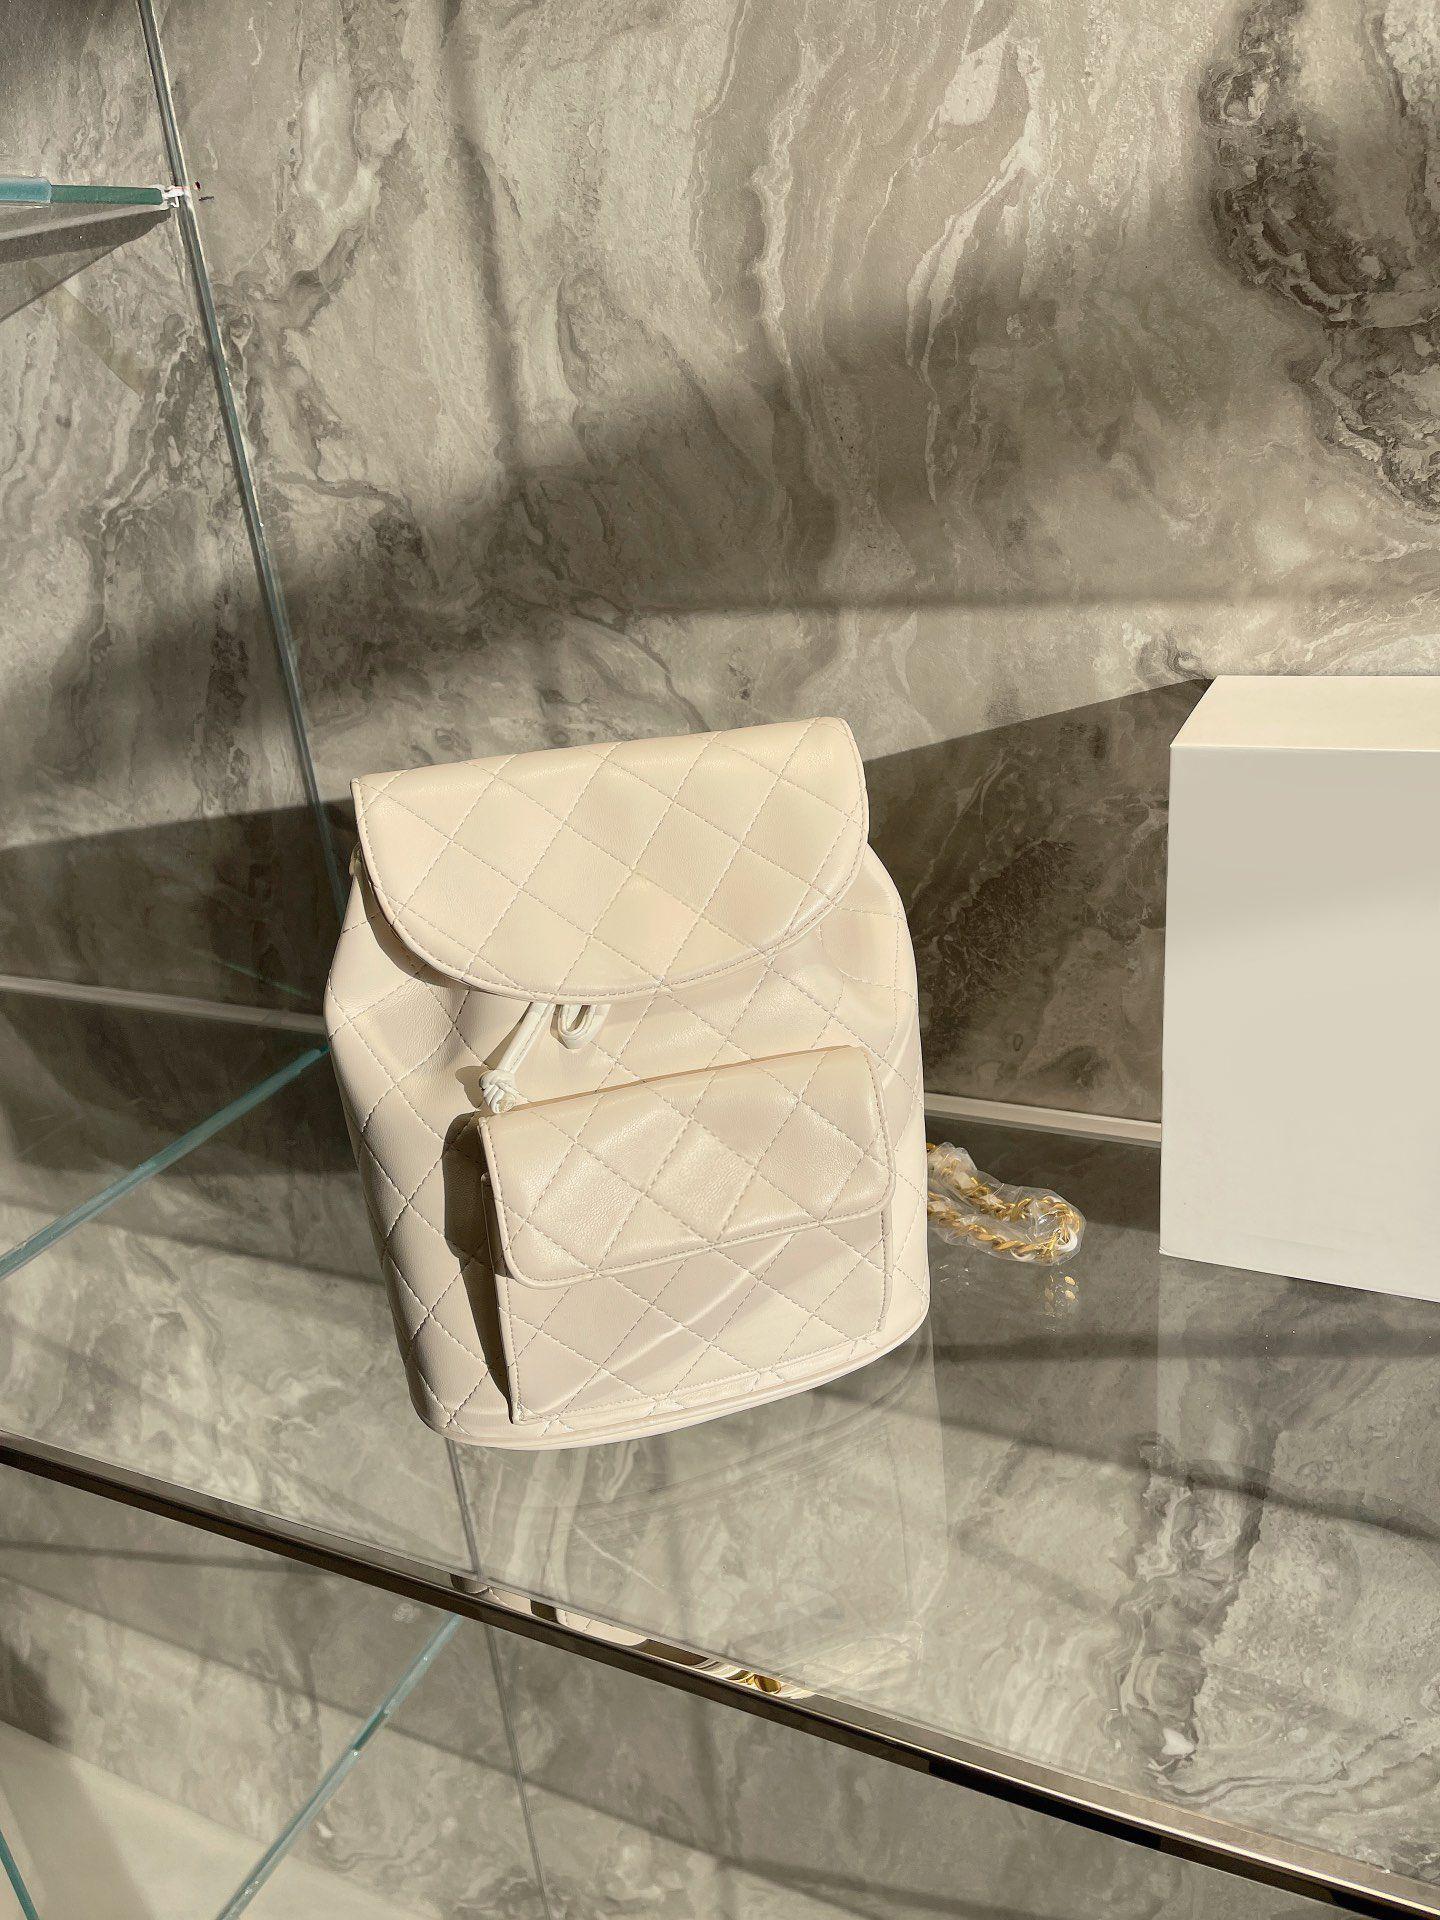 최고 품질의 백팩 가방 여성 디자이너 럭셔리 숙 녀 정품 가죽 학교 배낭 클래식 브랜드 지갑 도매 가격 일치 상자 크기 : 26 * 20cm